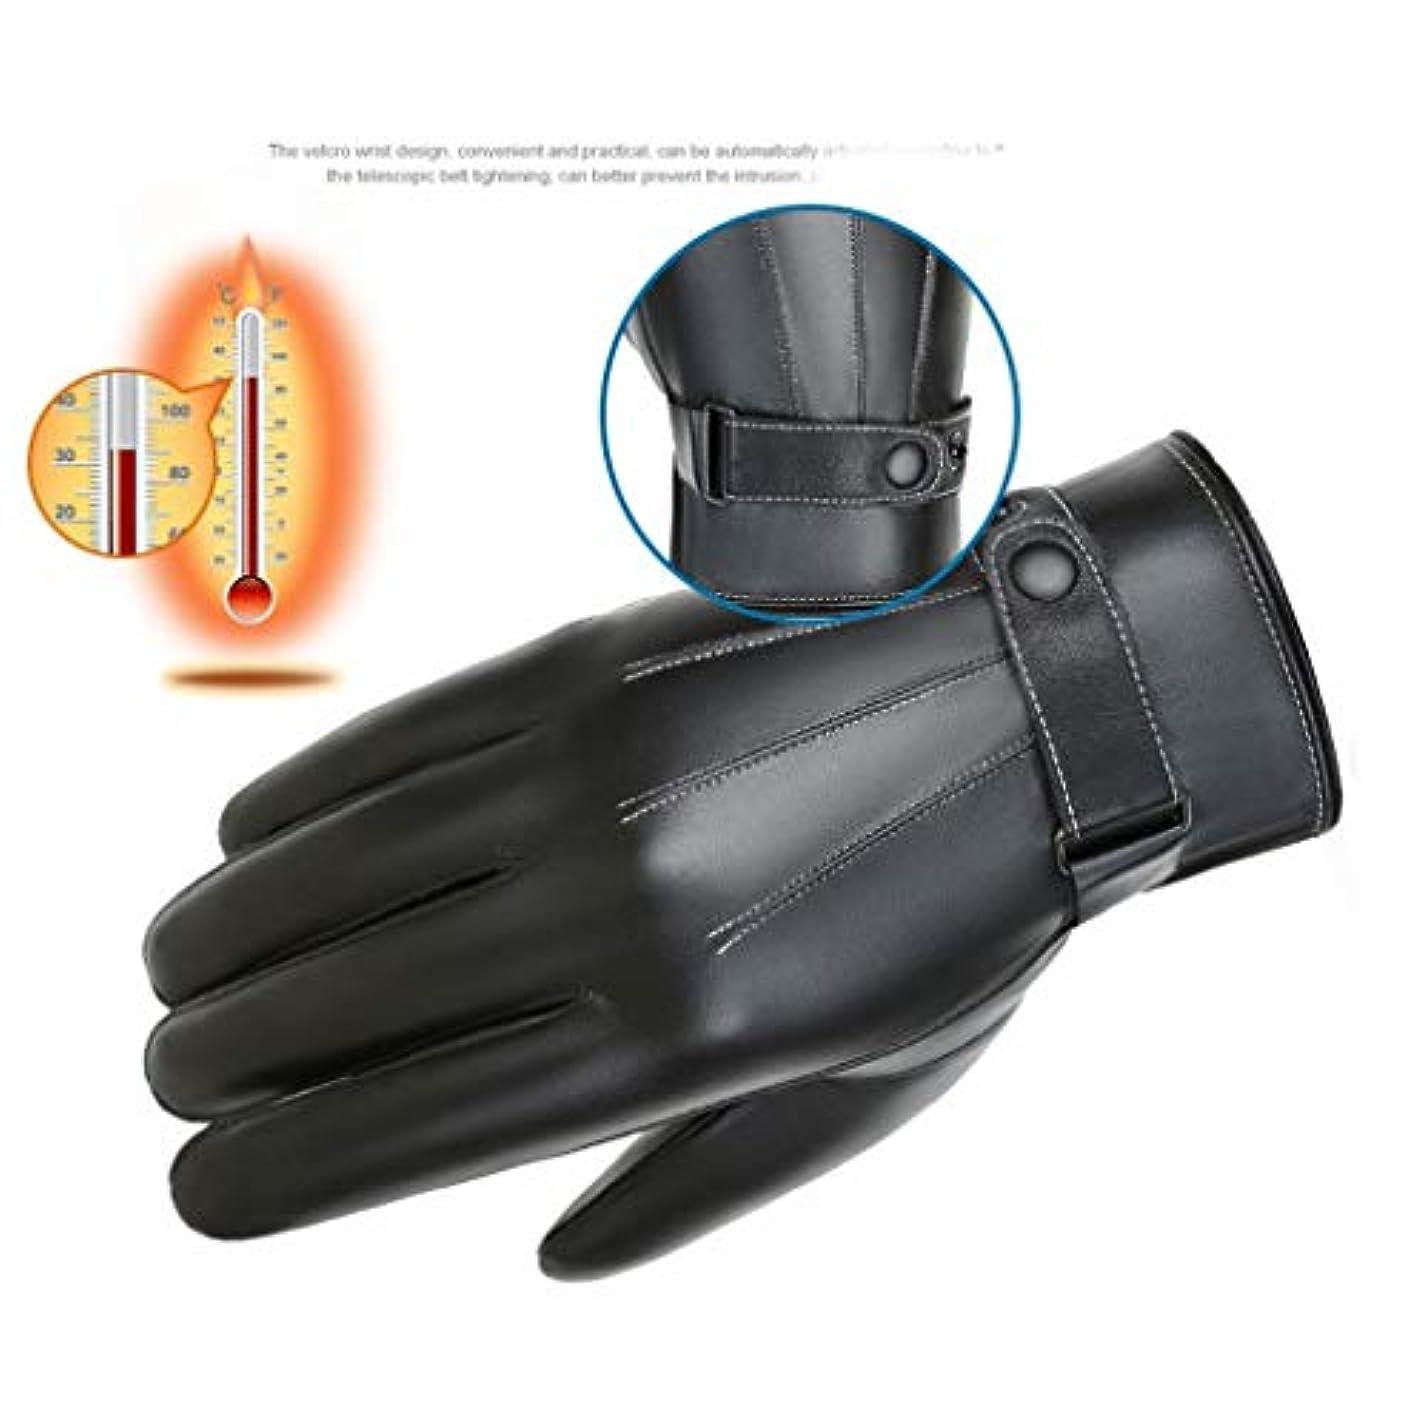 部従順な密タッチスクリーンのメンズグローブ冬プラスベルベット厚い暖かい防風防水ライドバイクバイクの乗り物の手袋